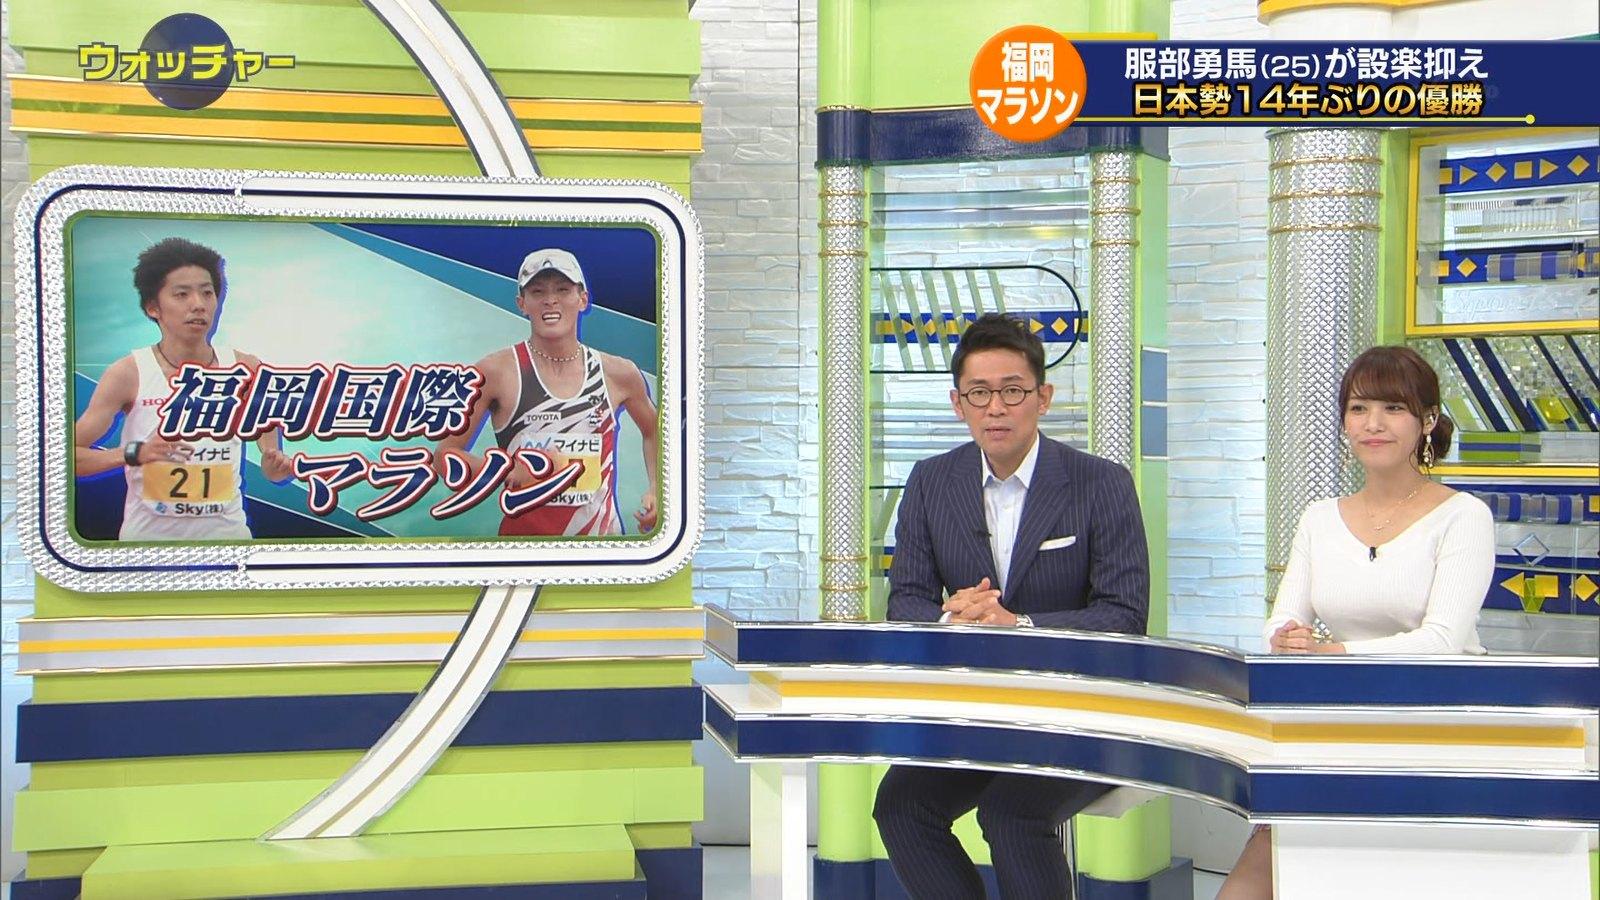 鷲見玲奈_女子アナ_ニットおっぱい_テレビキャプ画像_16